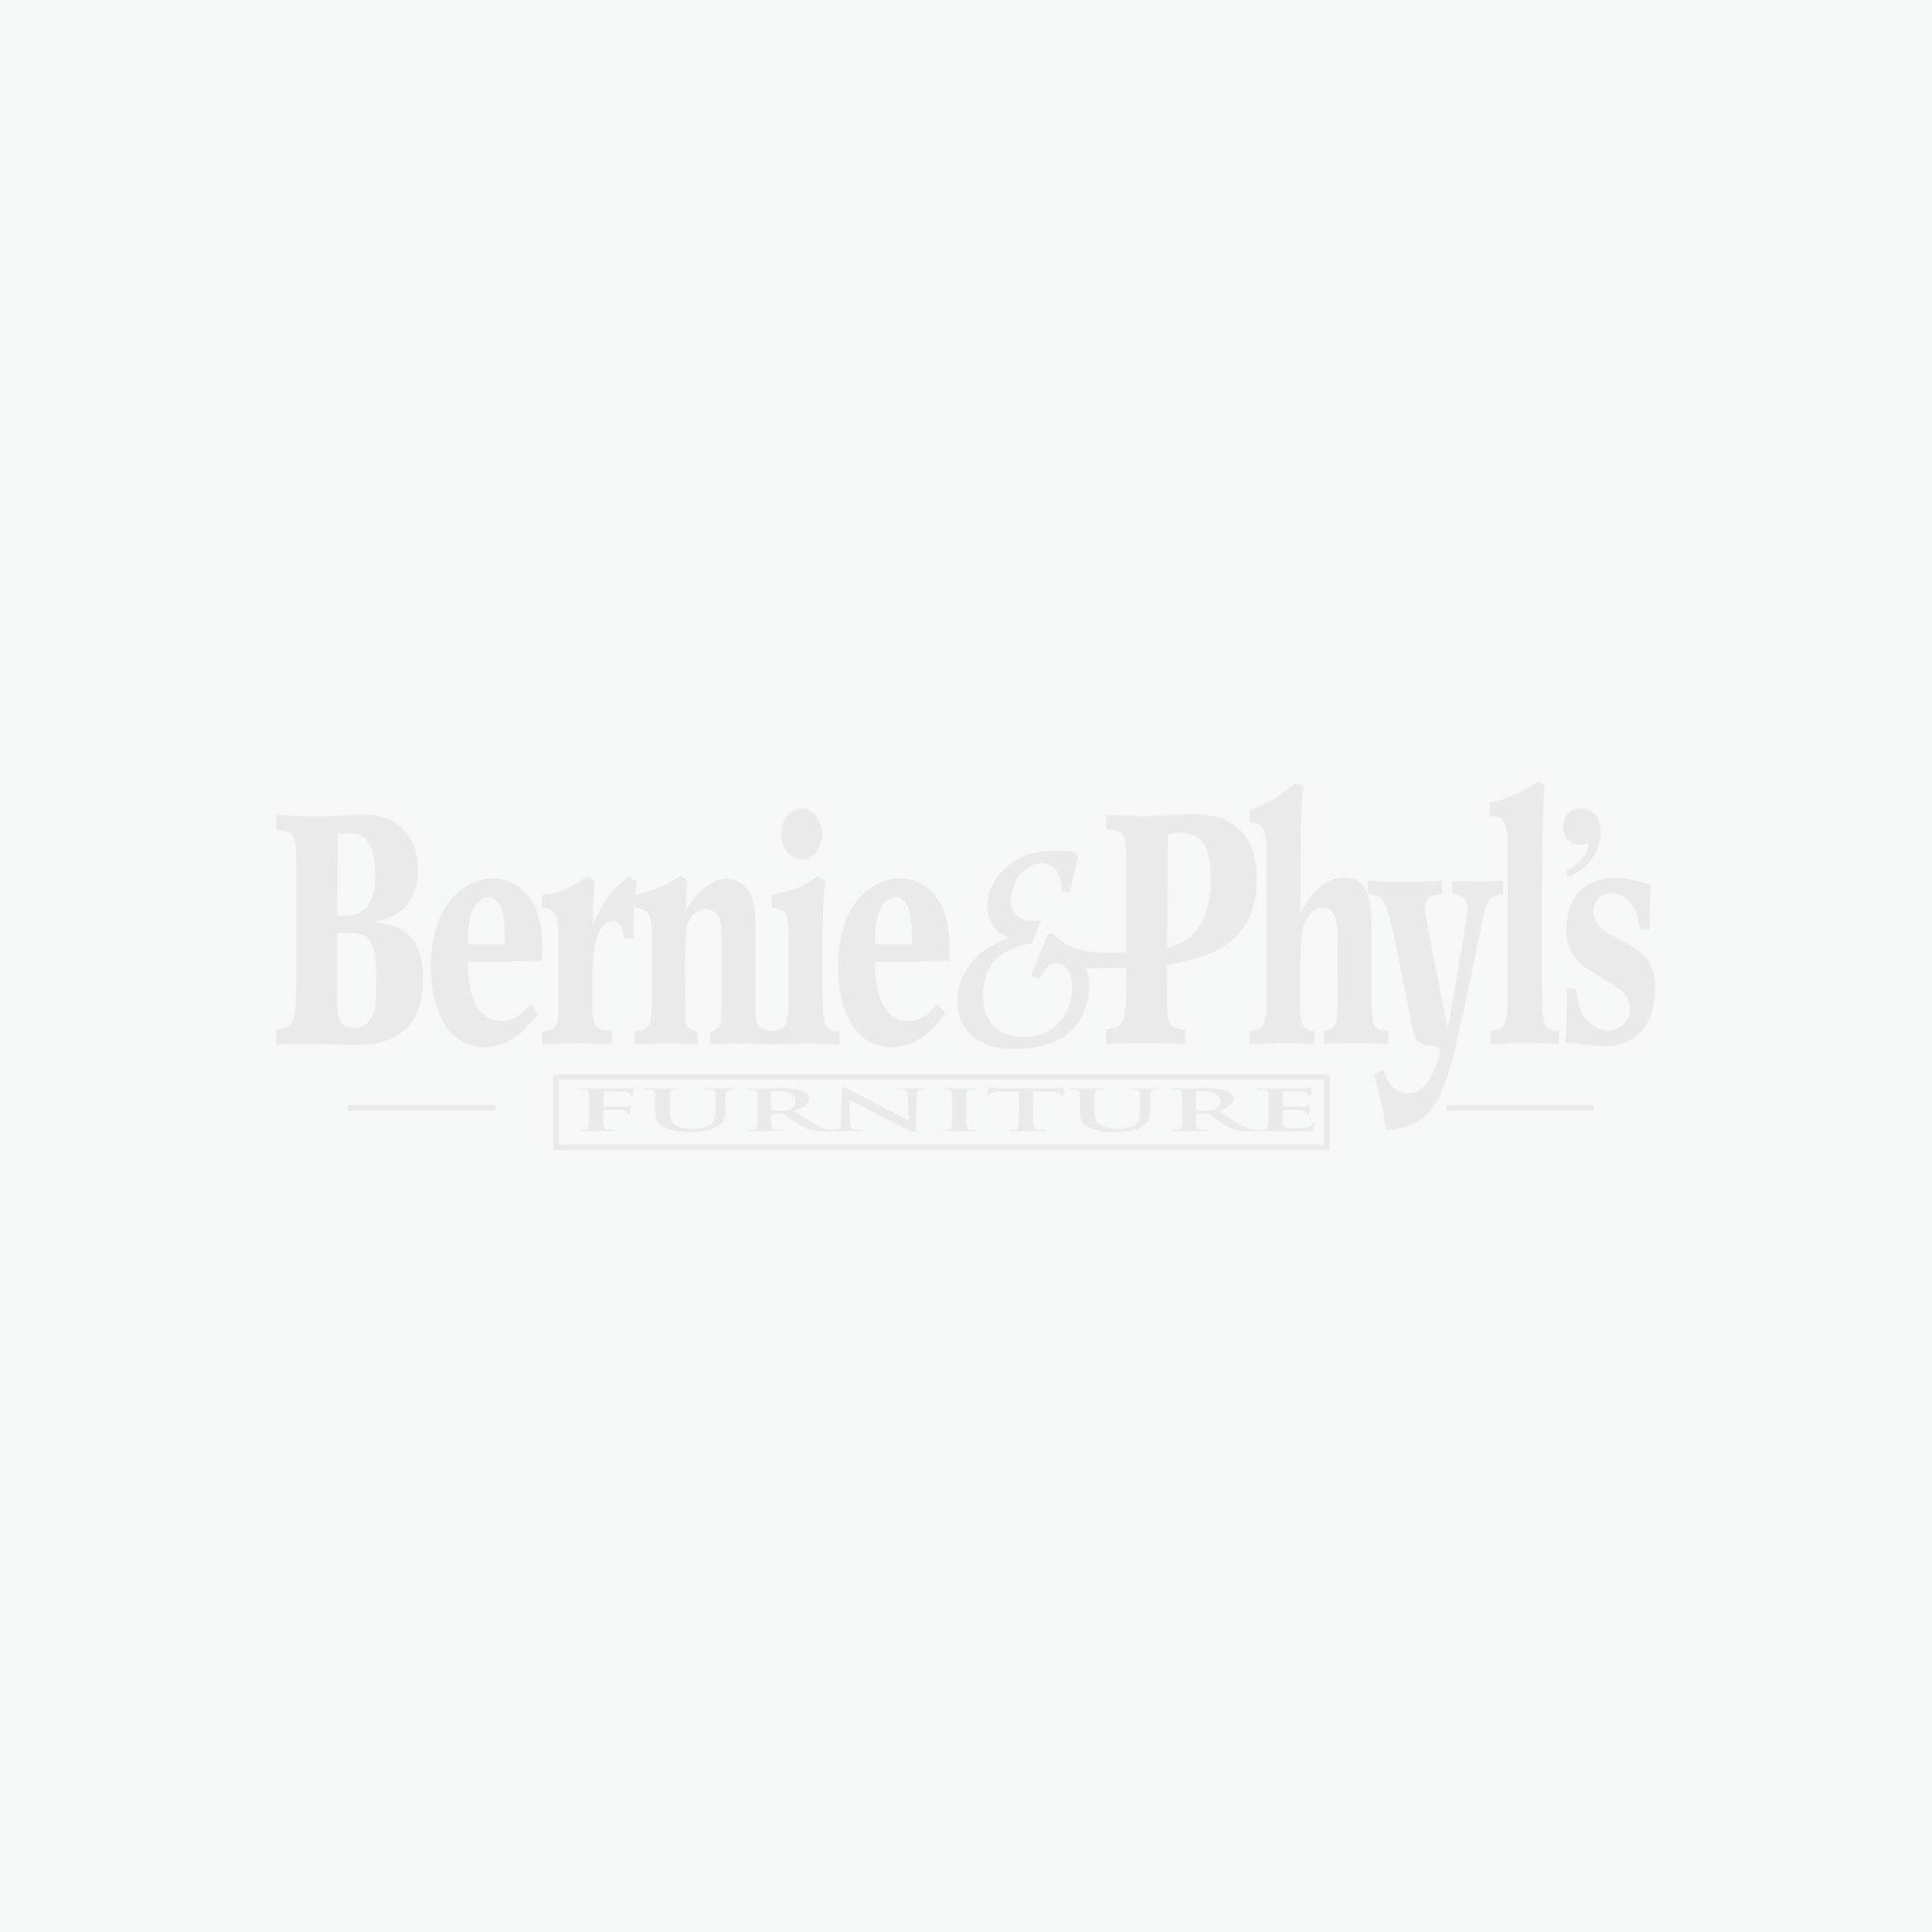 Bench w/ Rattan Baskets - Black - (Set of 1) - BC9318R - by Southern Enterprises